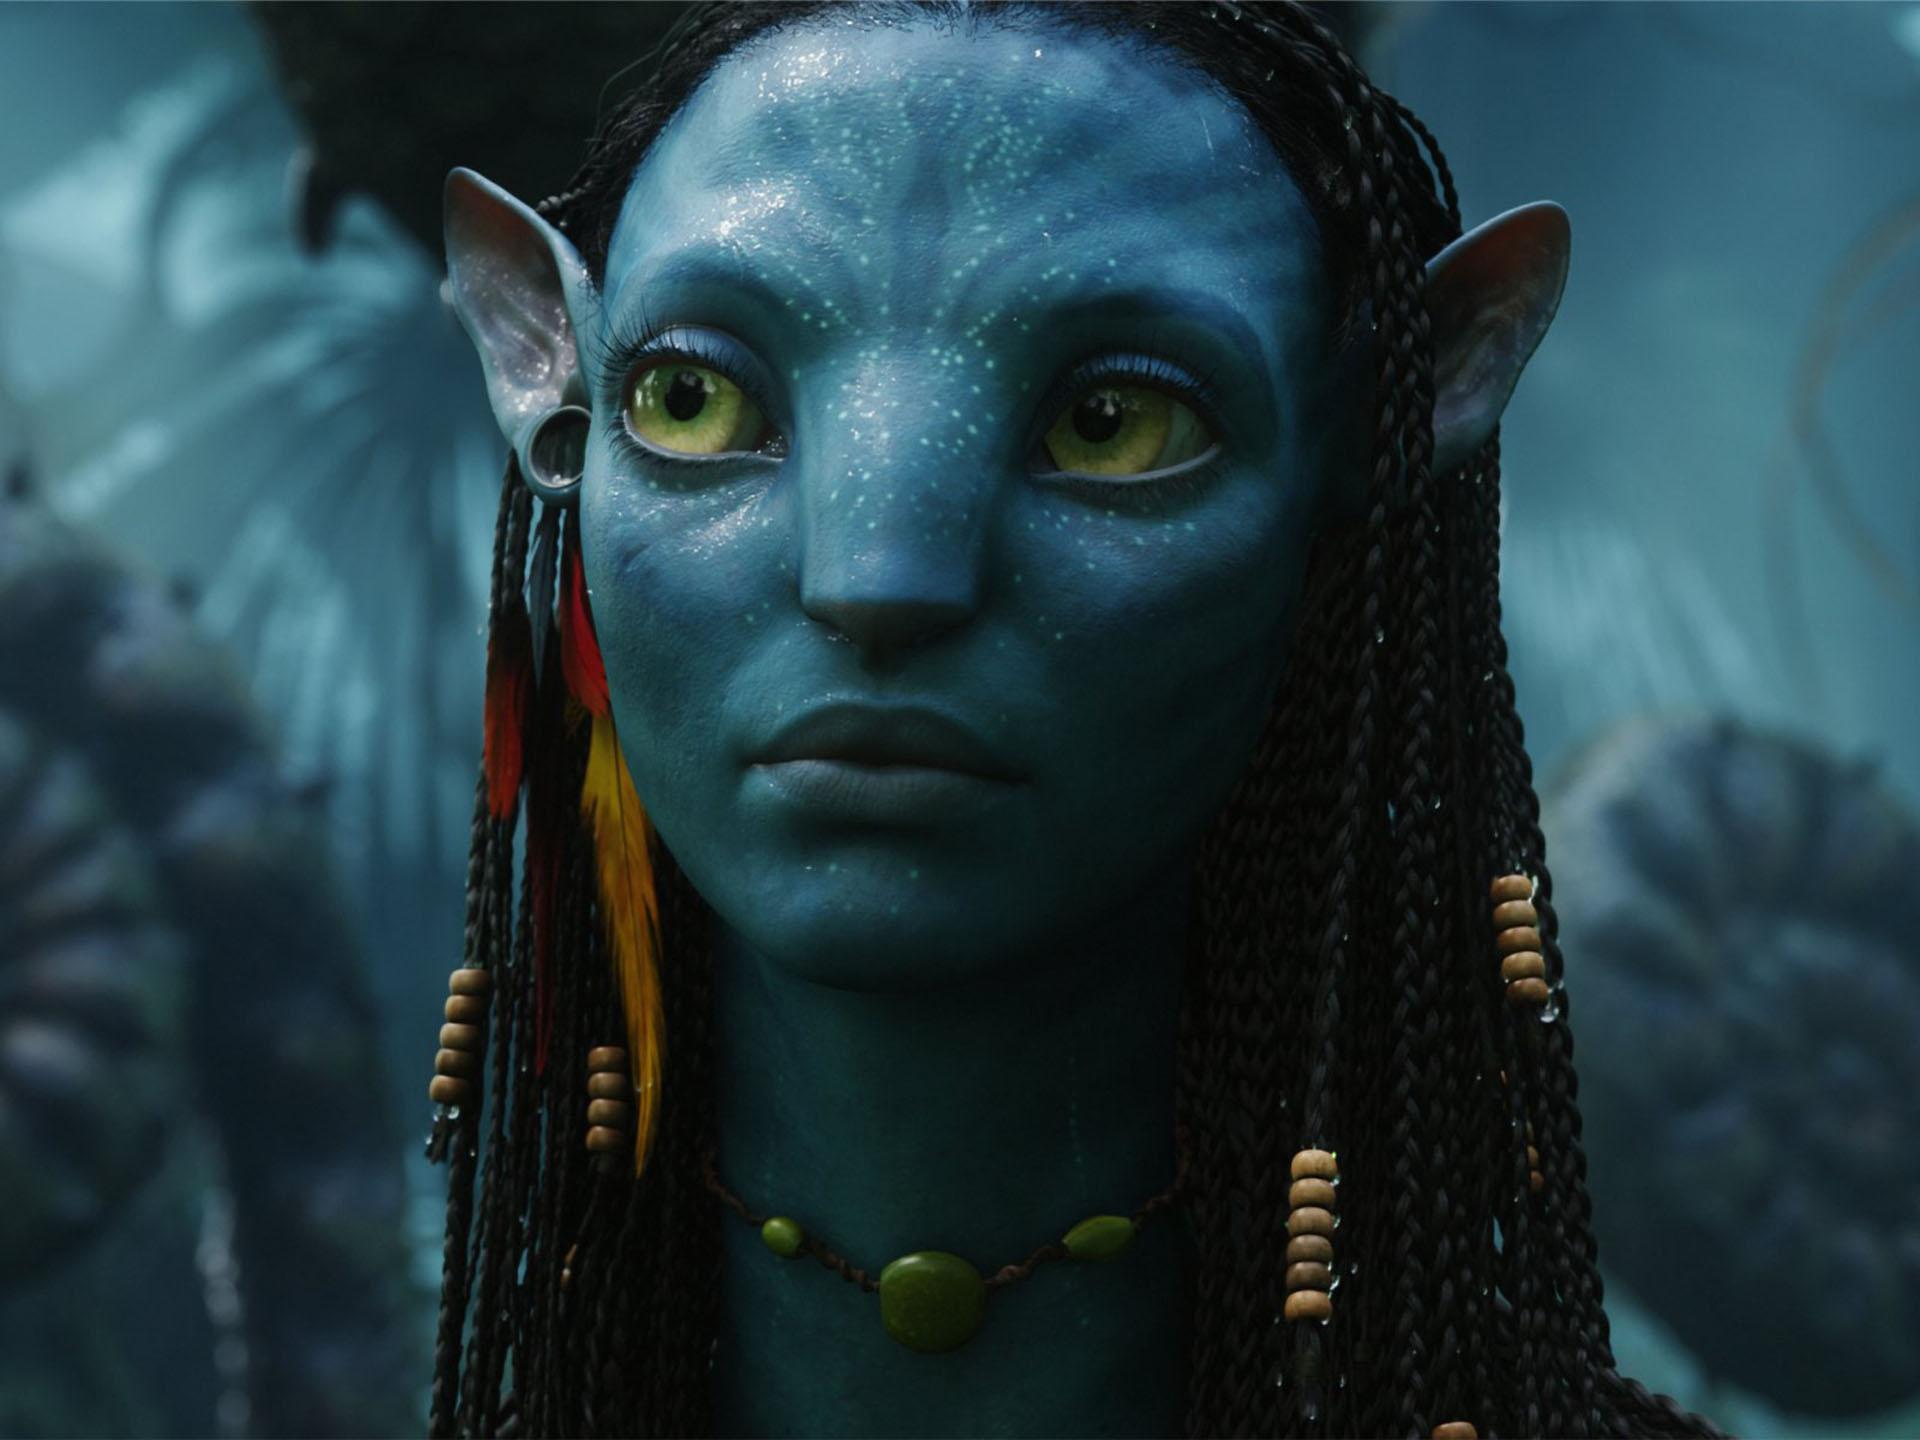 Скачать обои Аватар, Avatar, фильм, кино бесплатно для рабочего стола